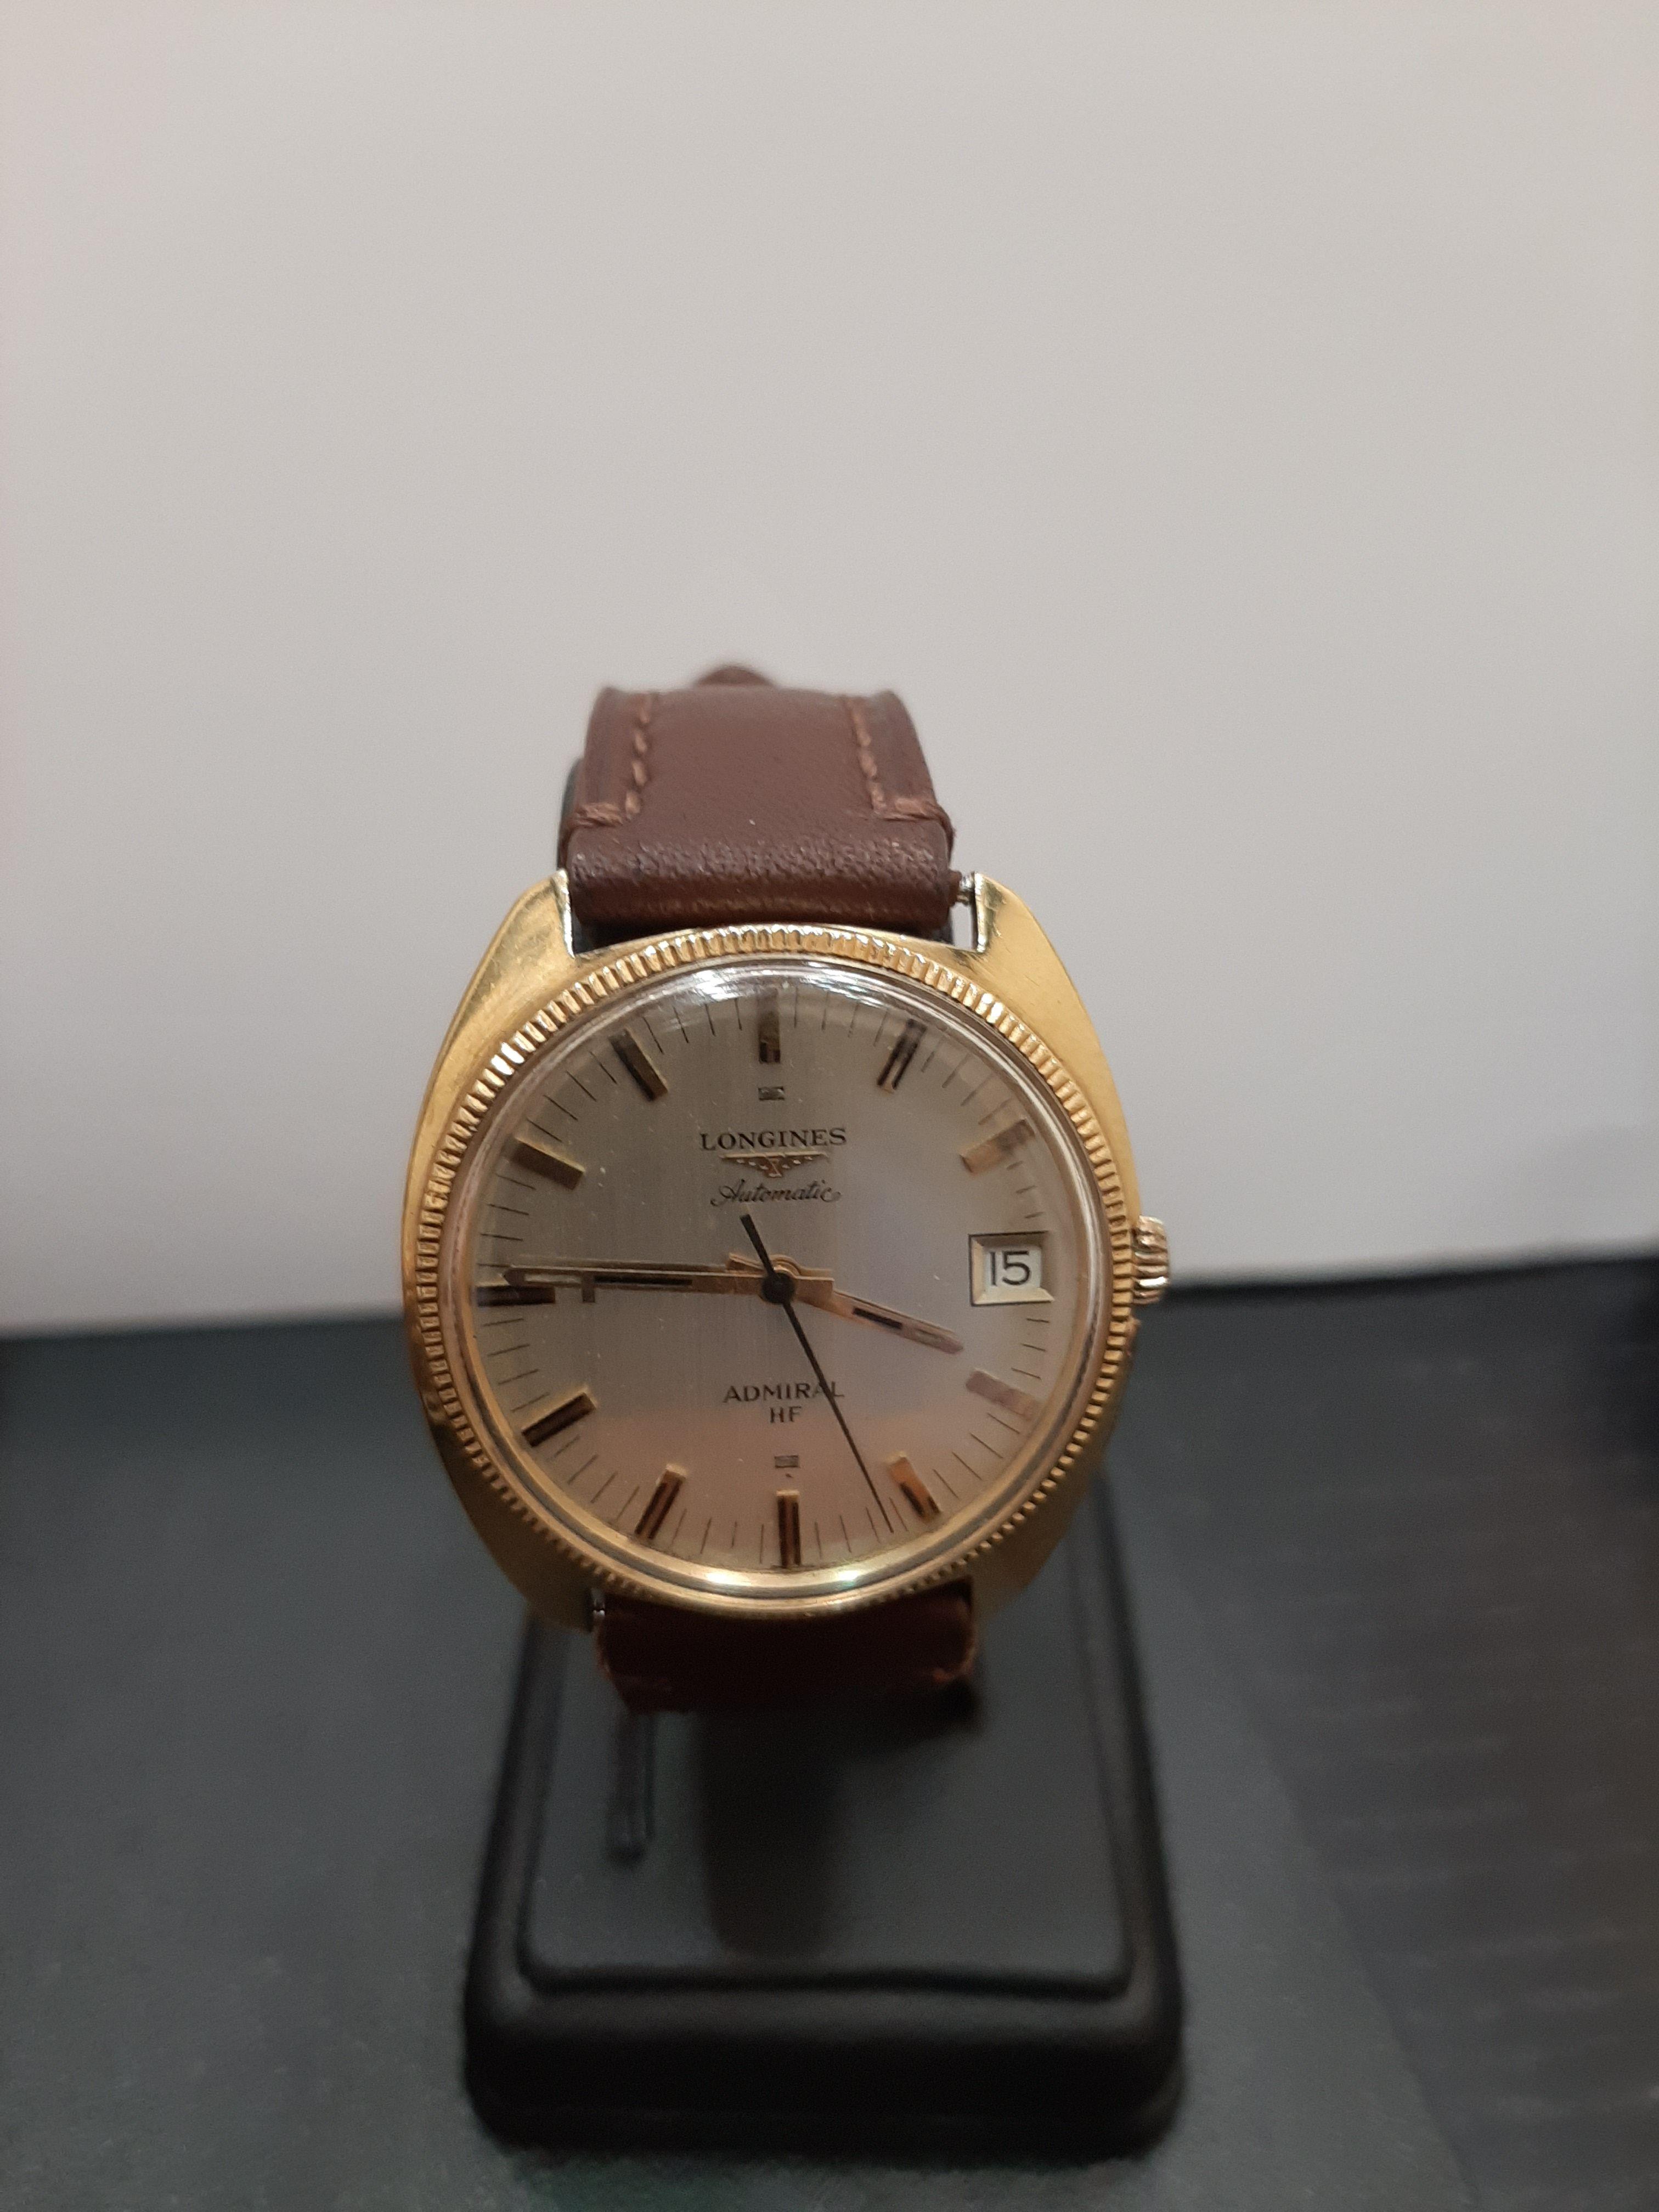 Reloj longines: Compra Venta de Oro y Plata de MR. SILVER & GOLD